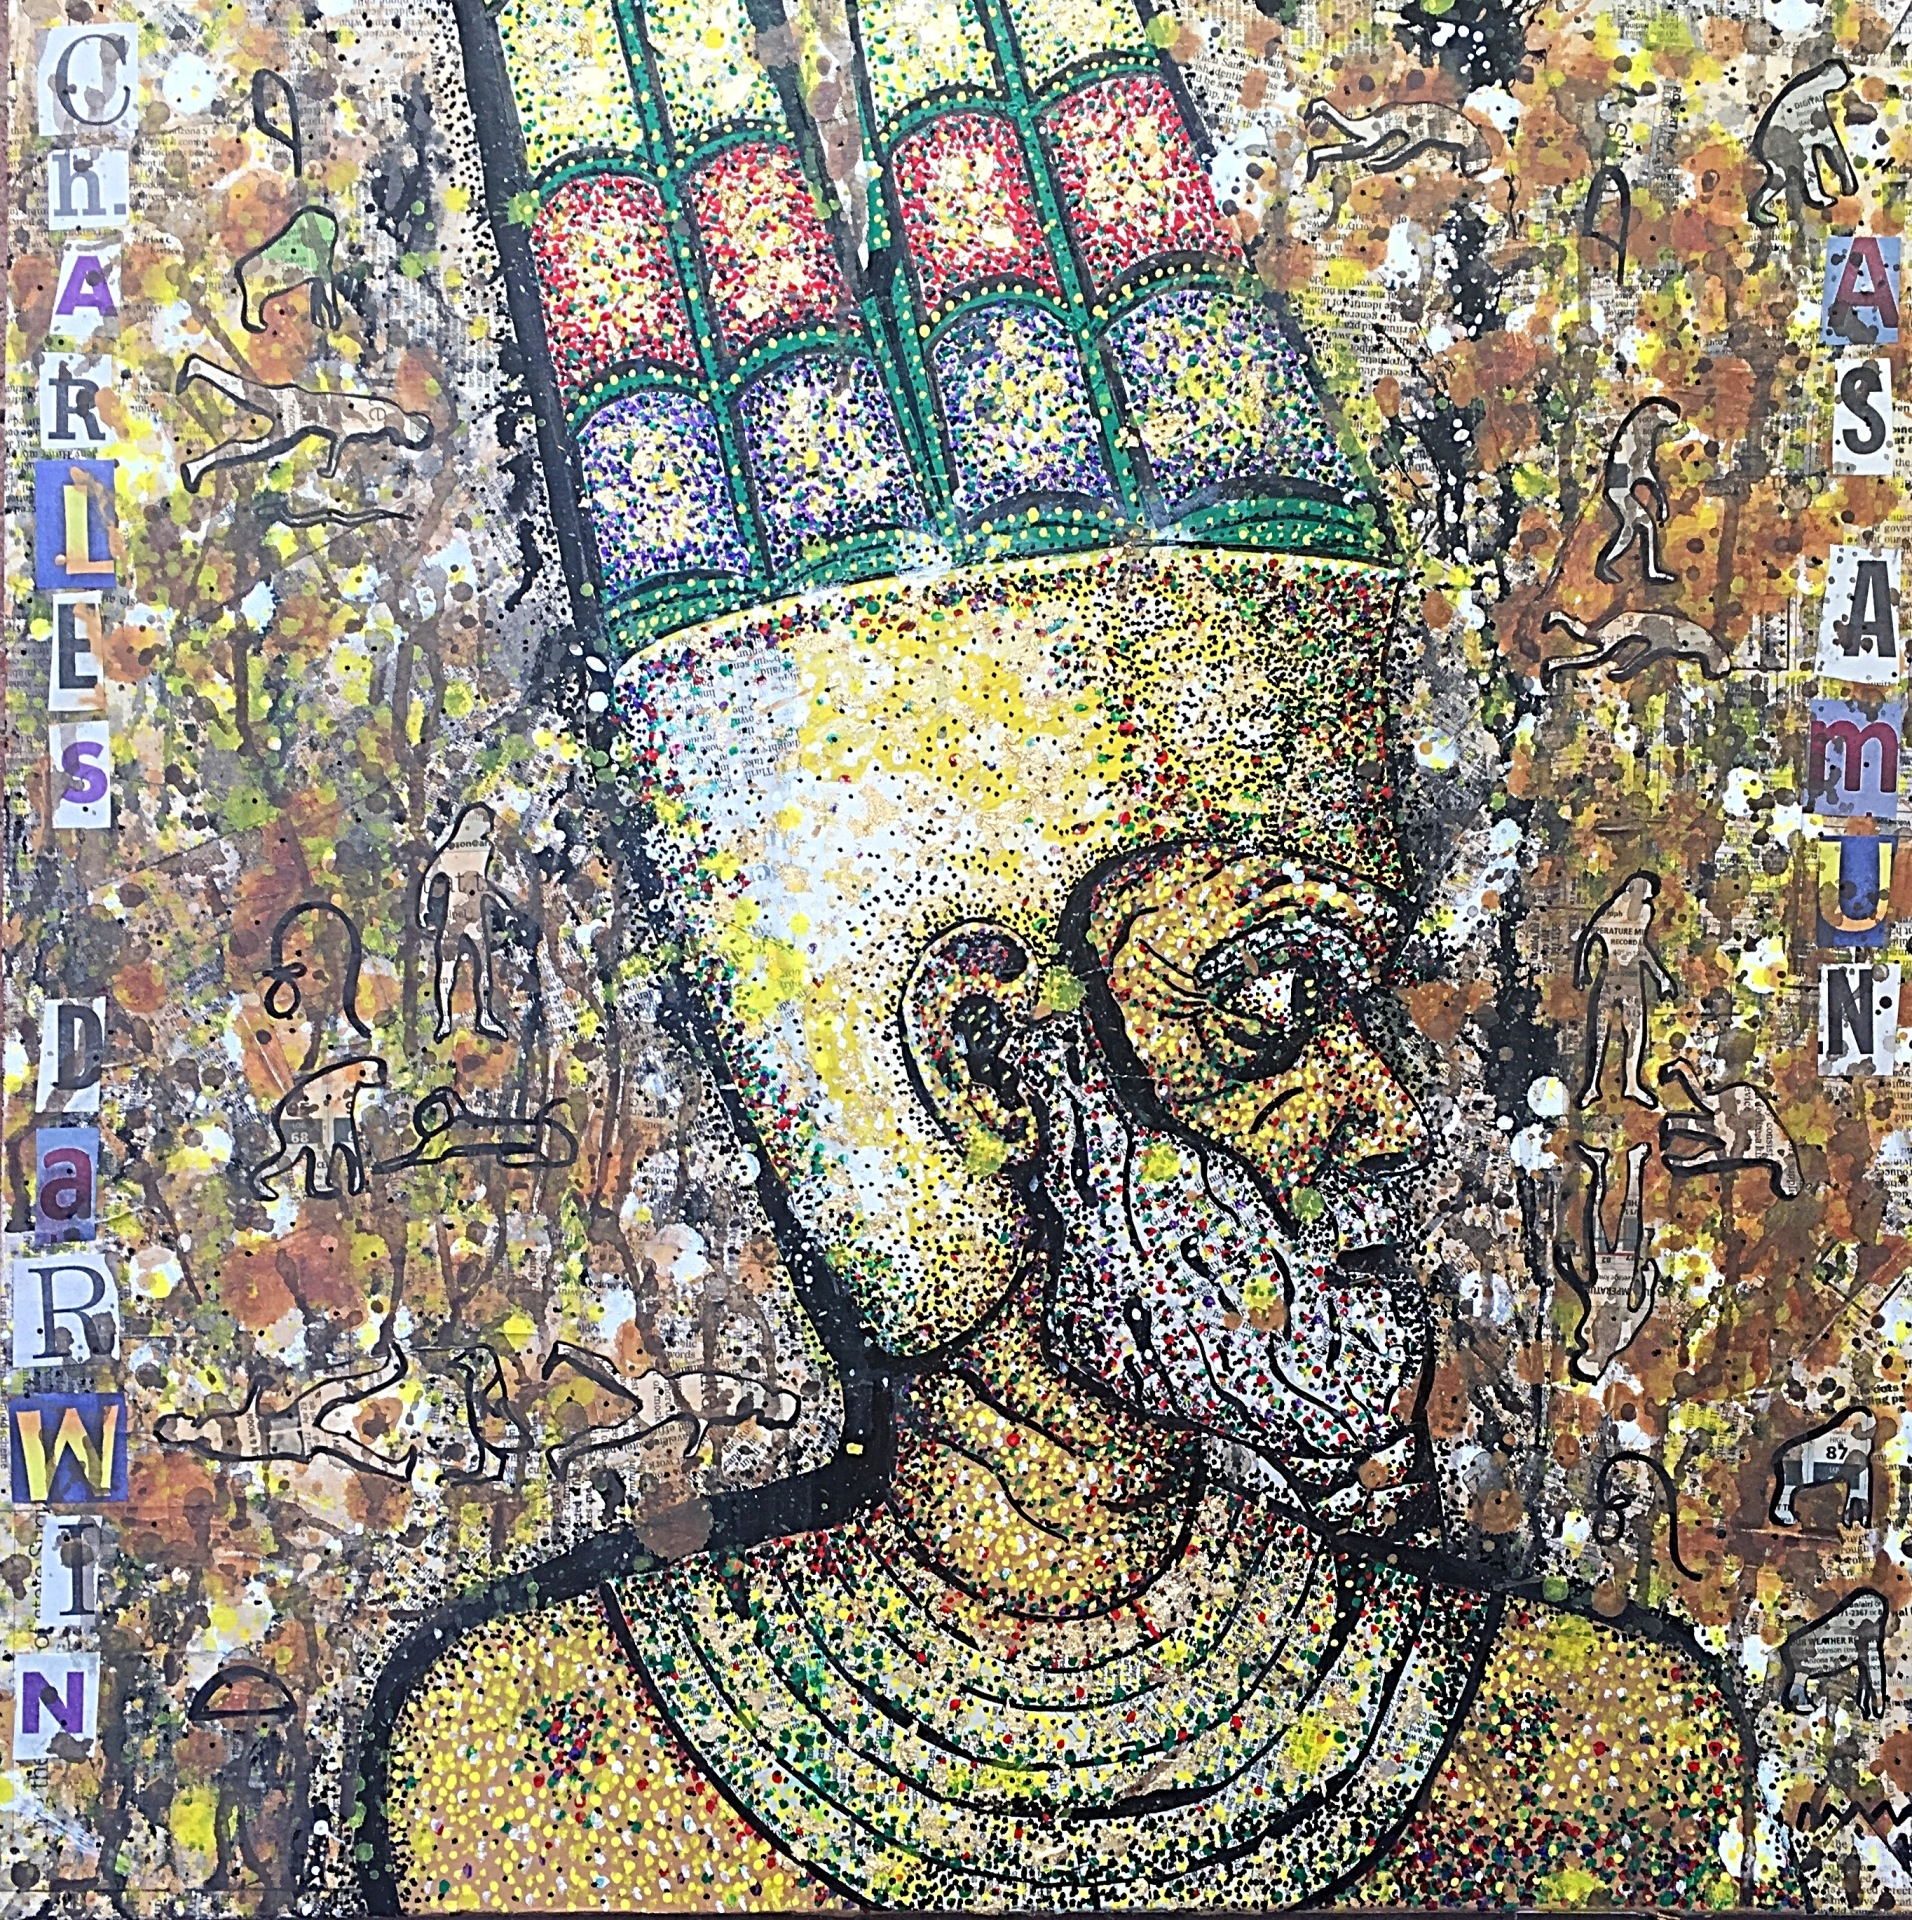 Charles Darwin as Amun